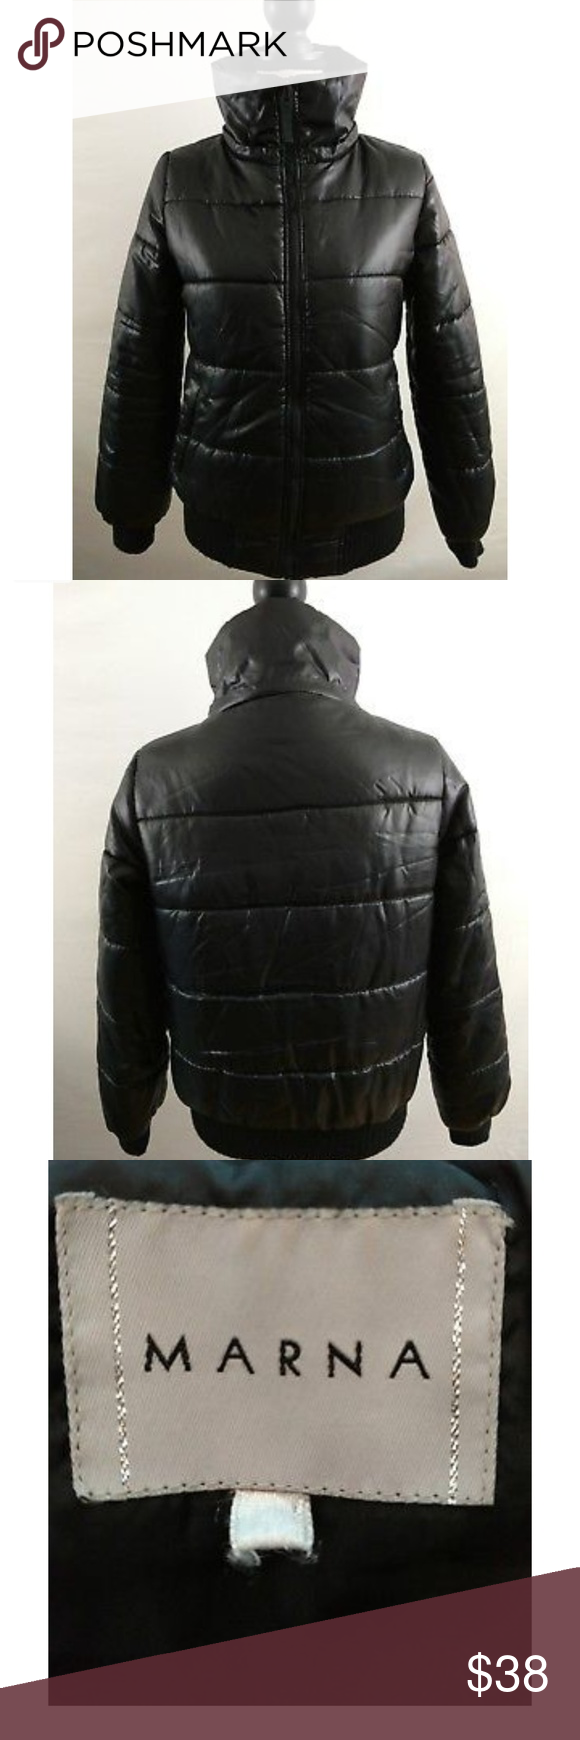 Womens Marna Puffer Jacket Coat Full Zip Mock Neck Puffer Jackets Jackets Coats Jackets [ 1740 x 580 Pixel ]